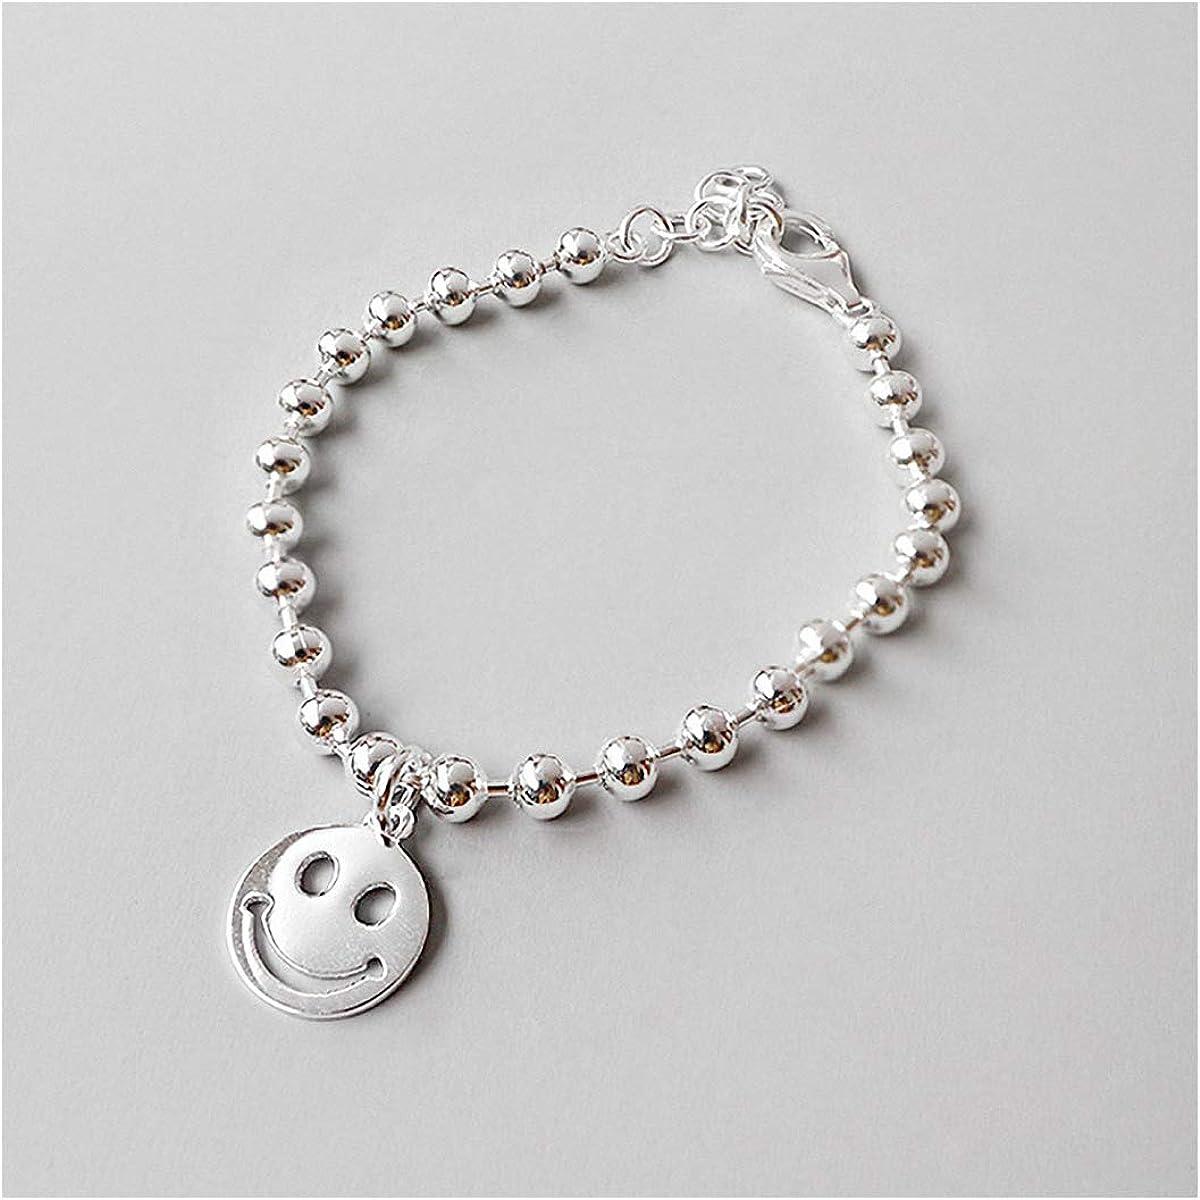 Lotus Fun - Pulsera de plata de ley S925 con forma de sonriente, para niño, brillante, con perlas redondas, hecha a mano, joyas únicas para mujeres, niñas y niños